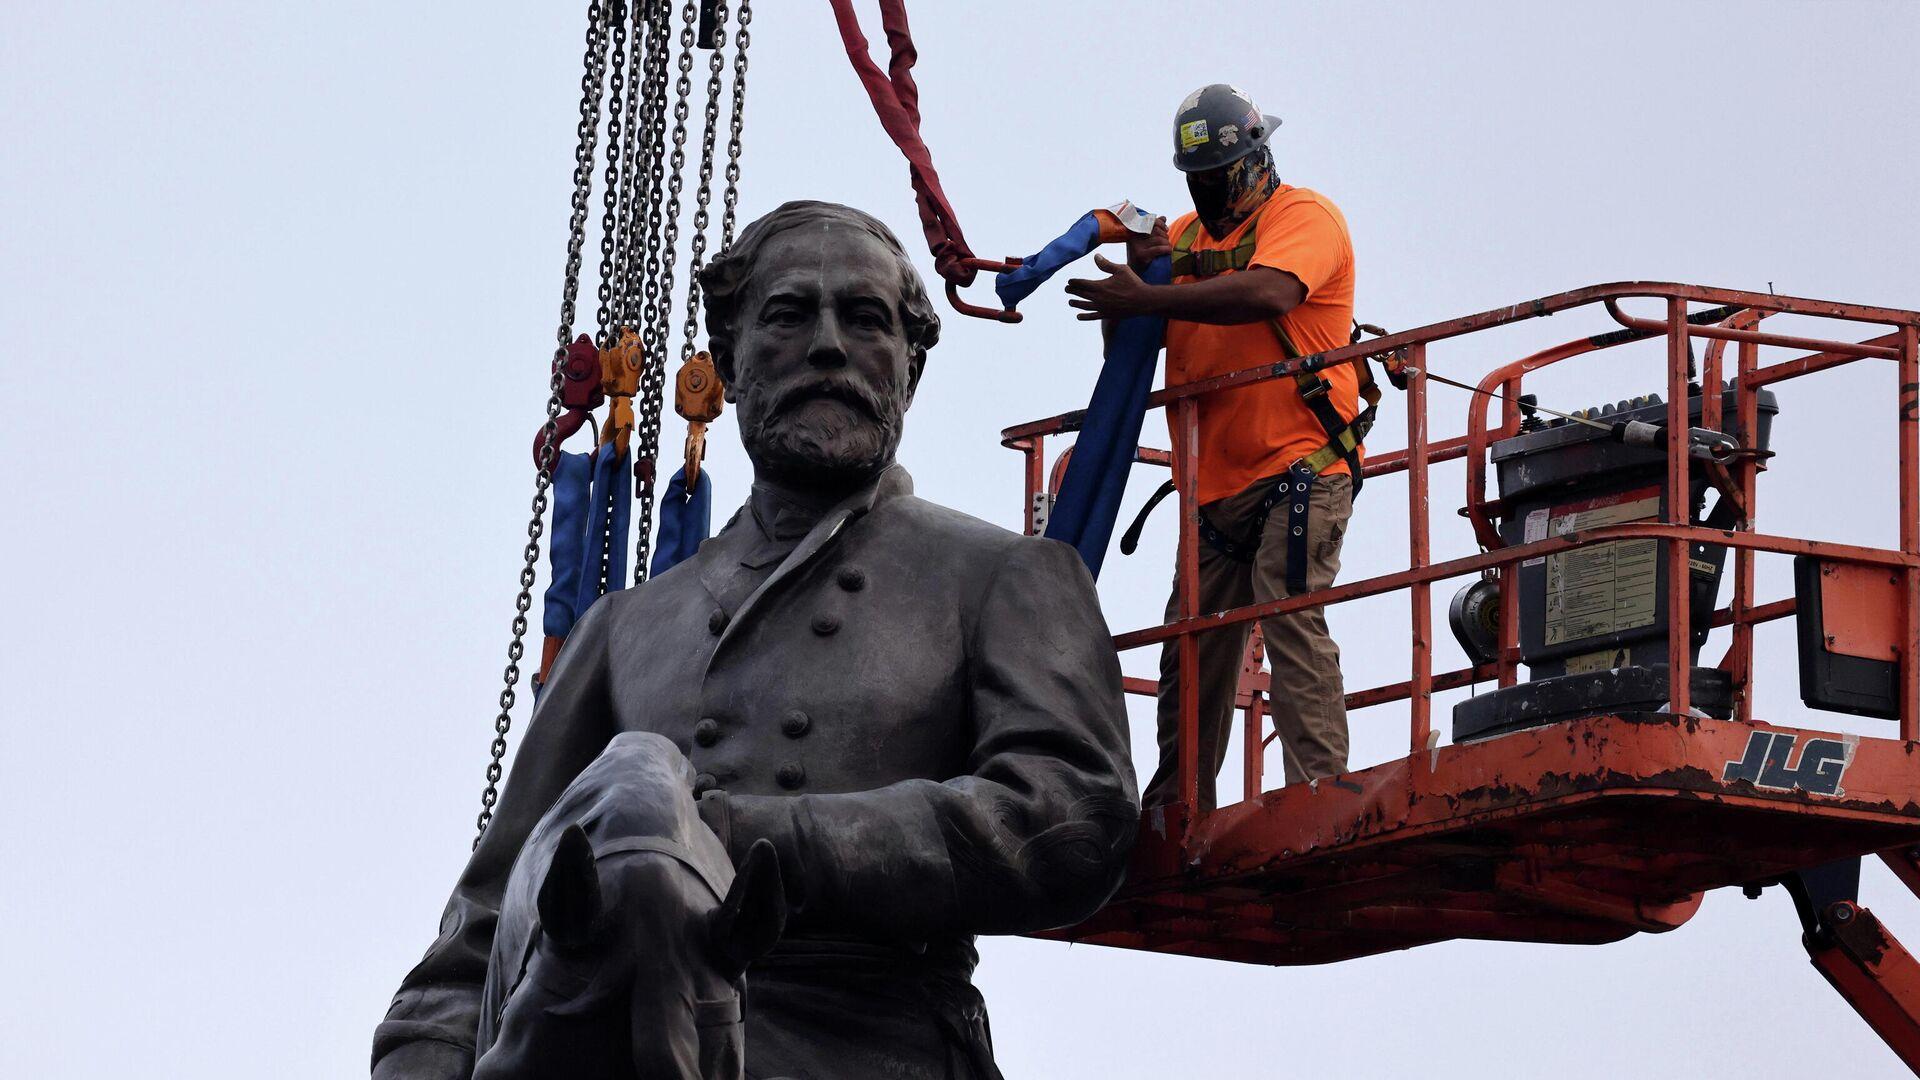 Entfernung des Denkmals für Südstaaten-General Lee in Richmond - SNA, 1920, 08.09.2021